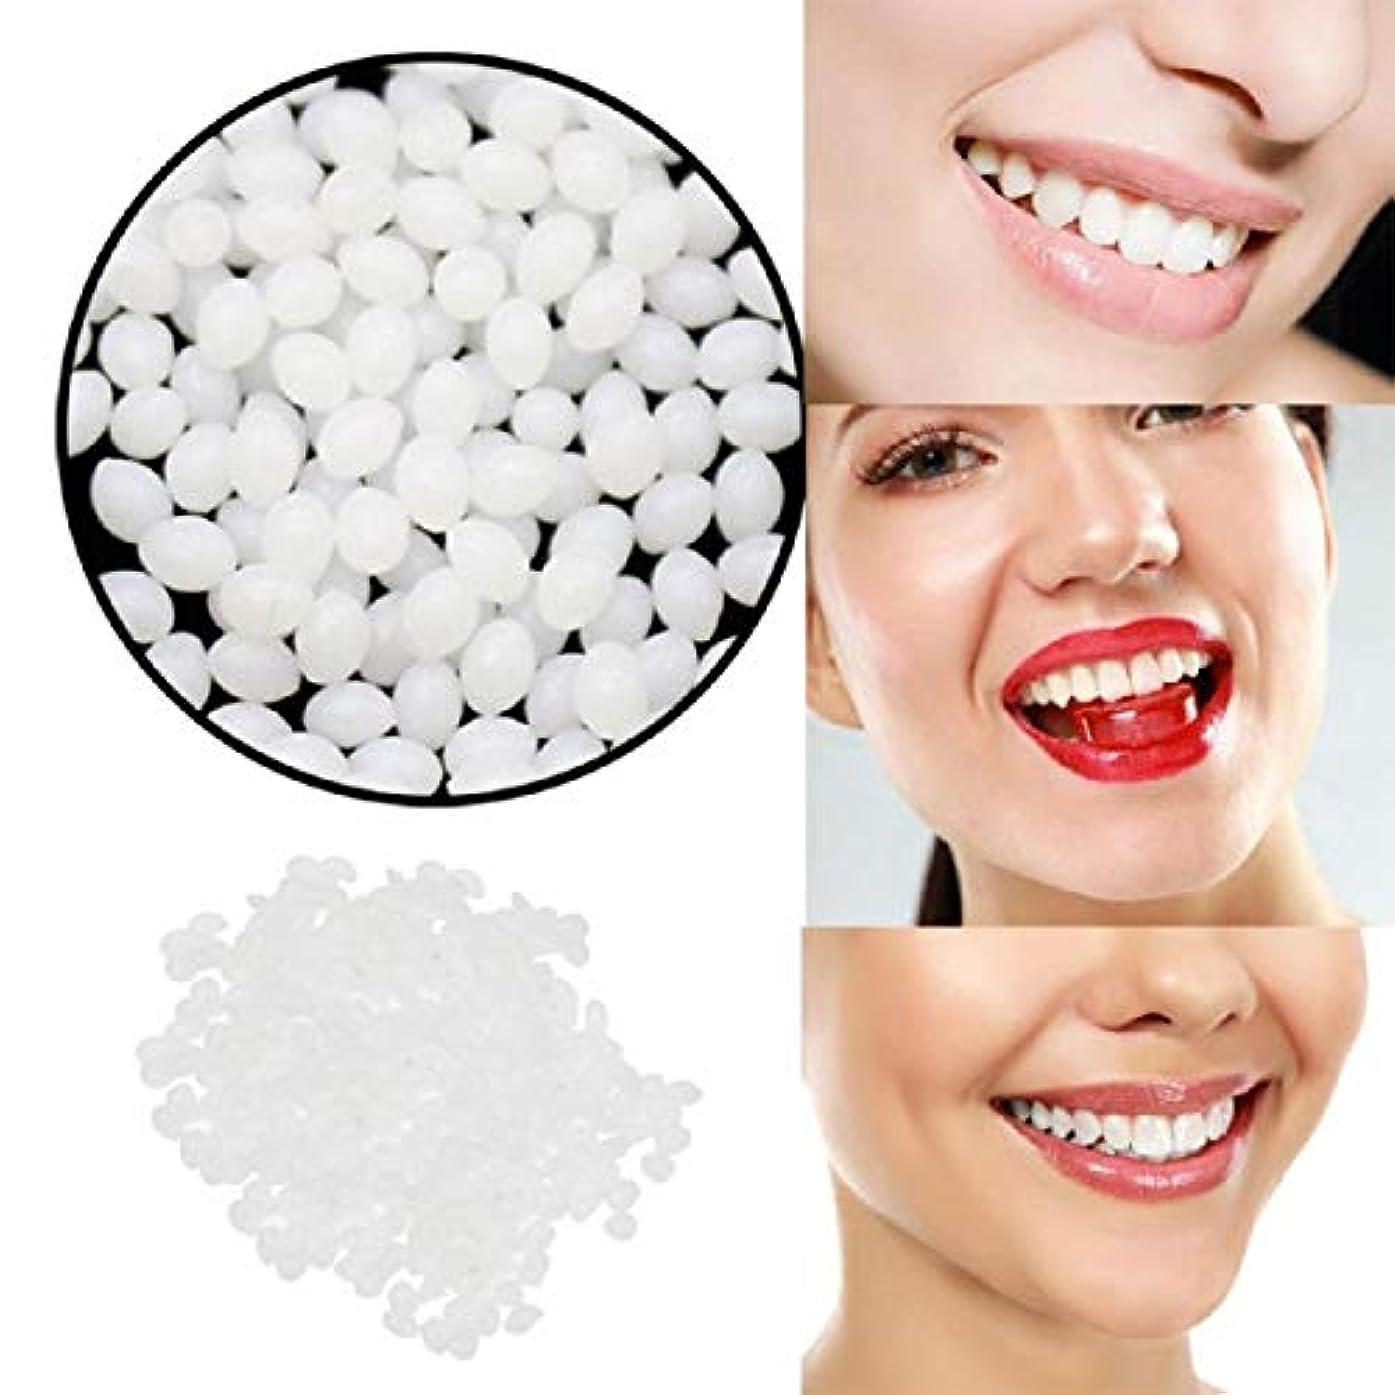 野な元に戻す練習Barlingrock一時的な歯の修理歯キットとギャップ 固体接着剤ホワイト義歯接着ツール用女性